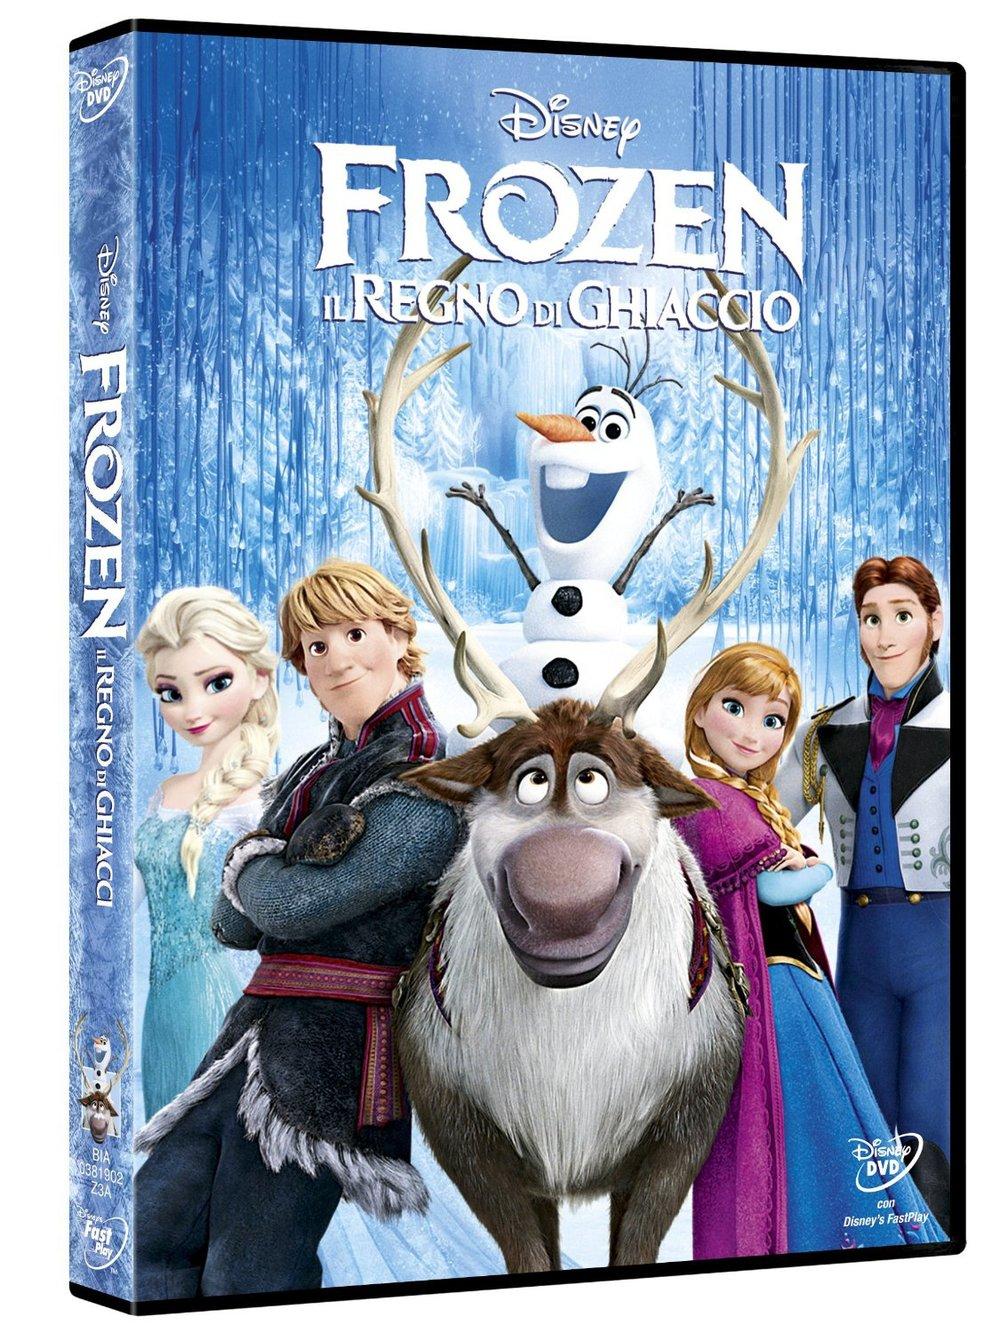 DVD - Frozen - Amazon.it - Walt Disney Pictures (C)